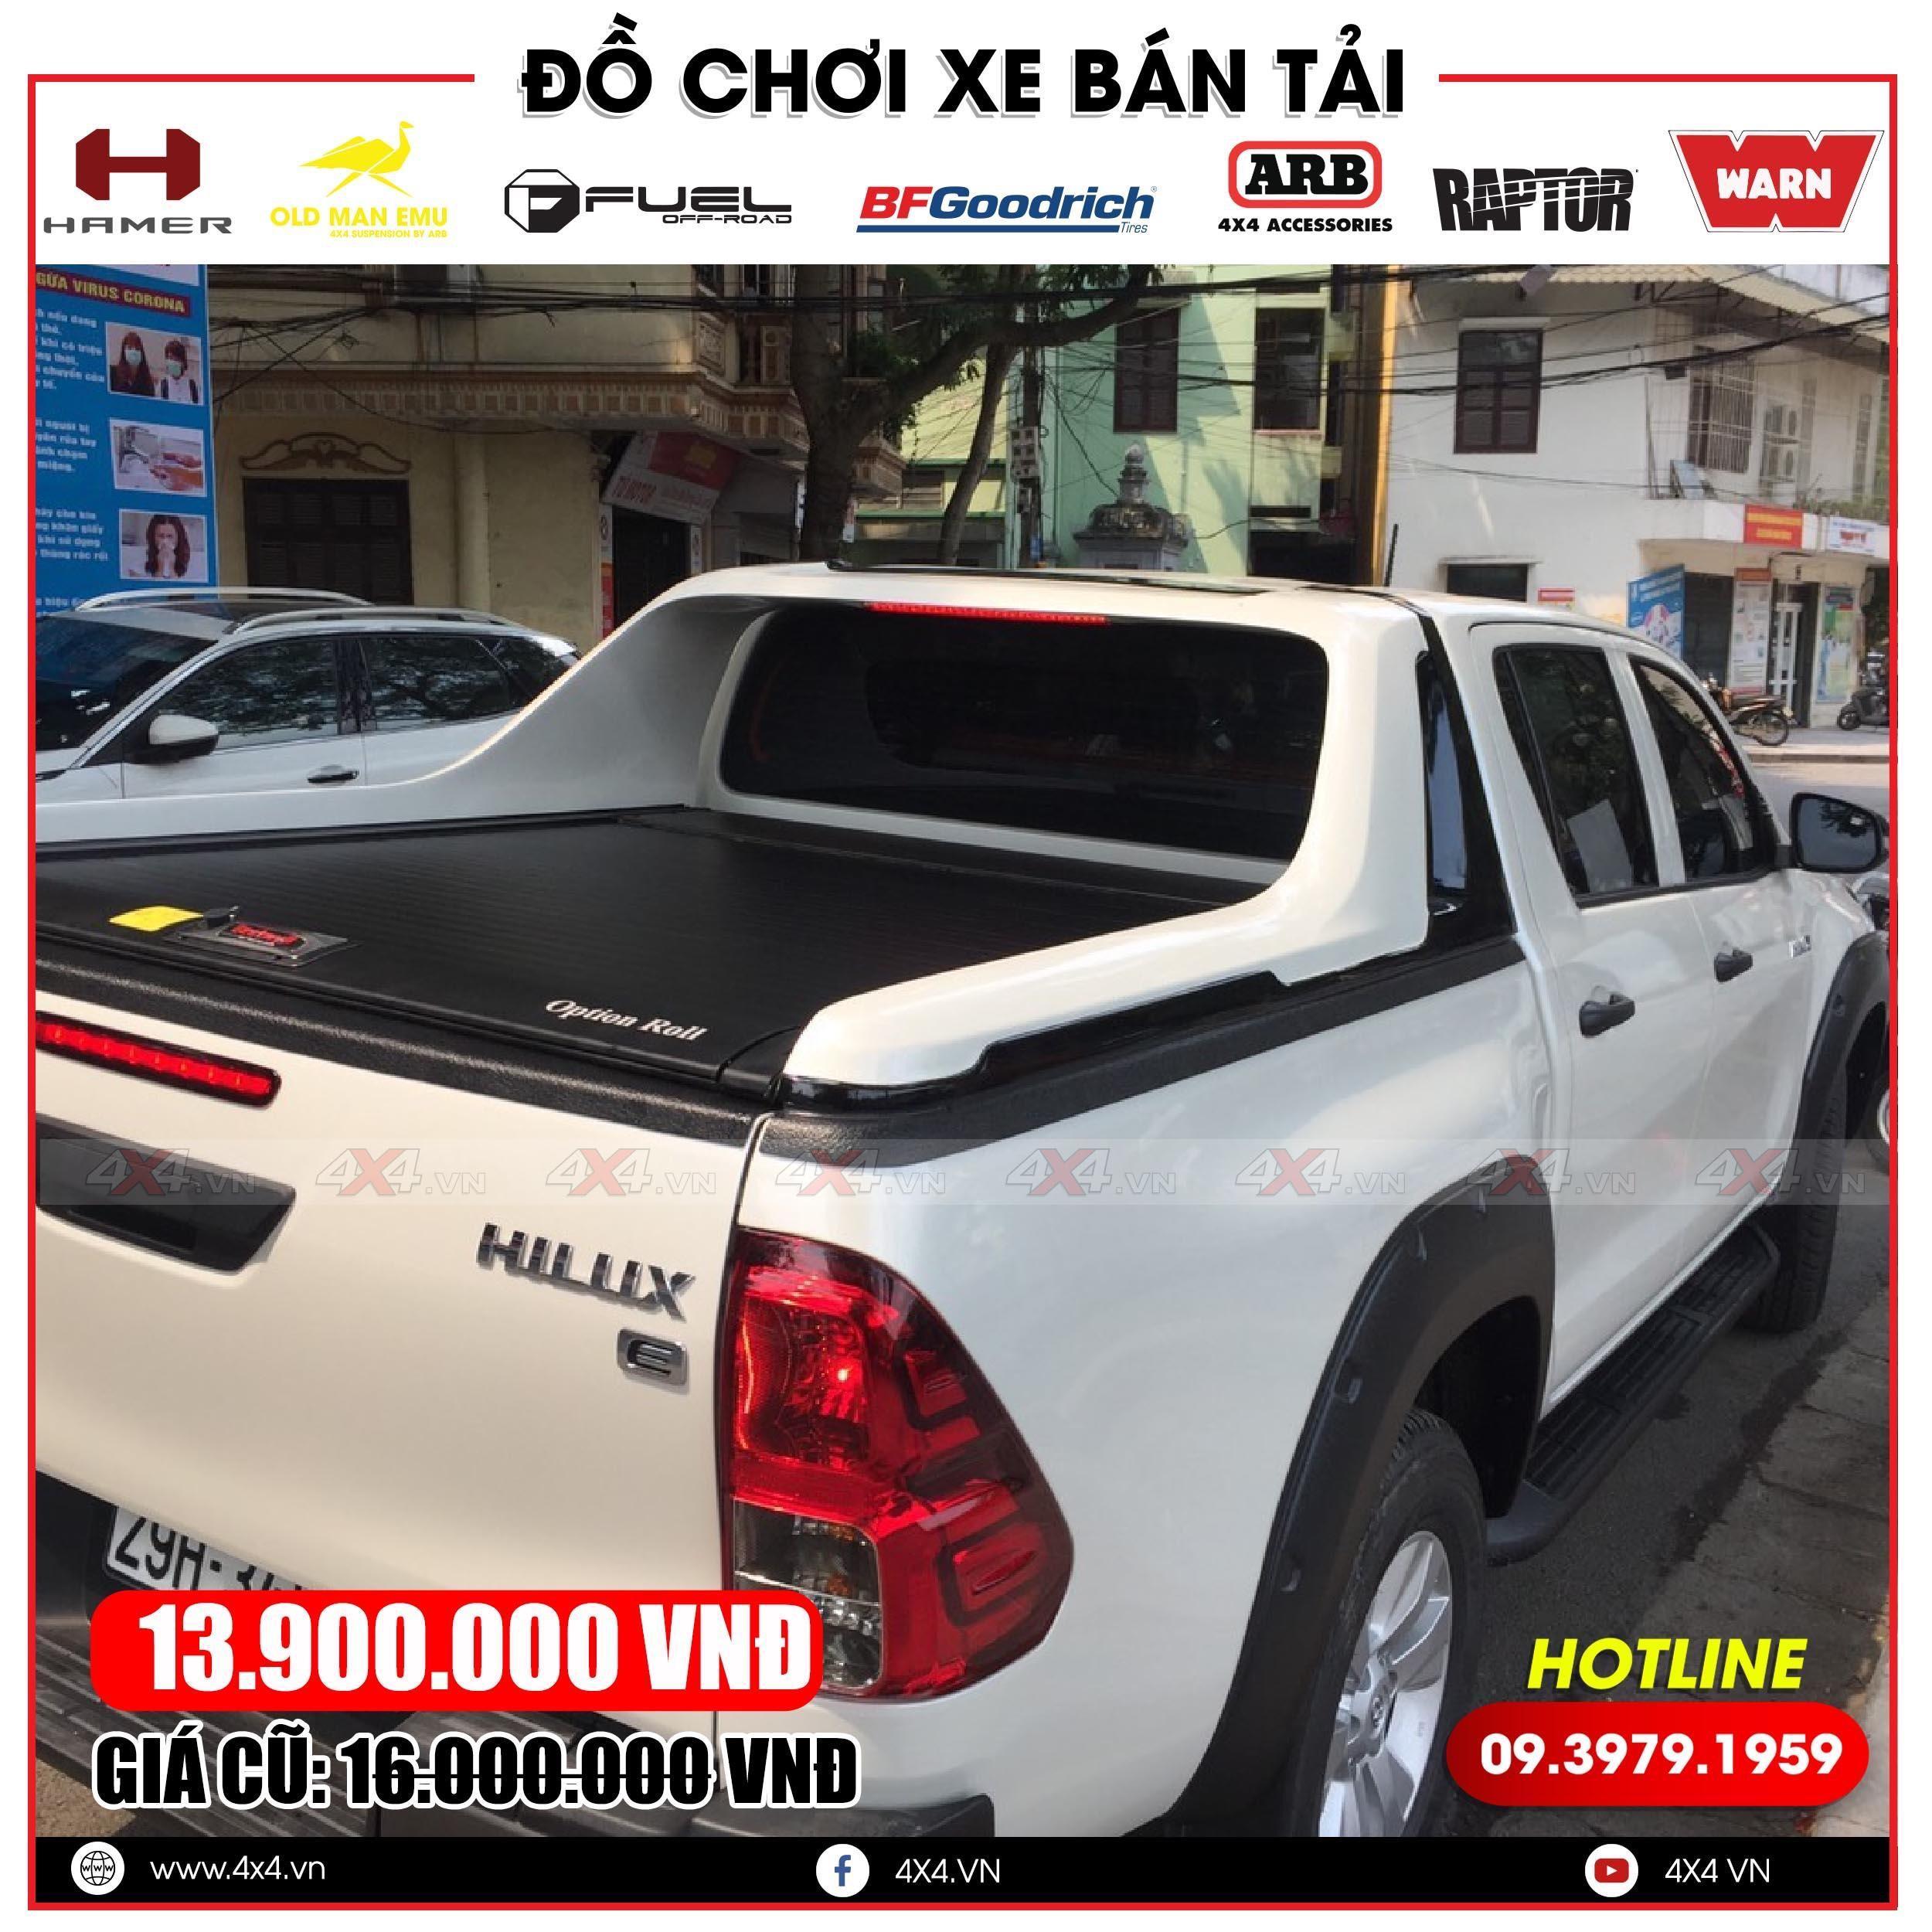 Nắp thùng cuộn Option Roll độ tiện lợi và ngầu cho xe bán tải Toyota Hilux